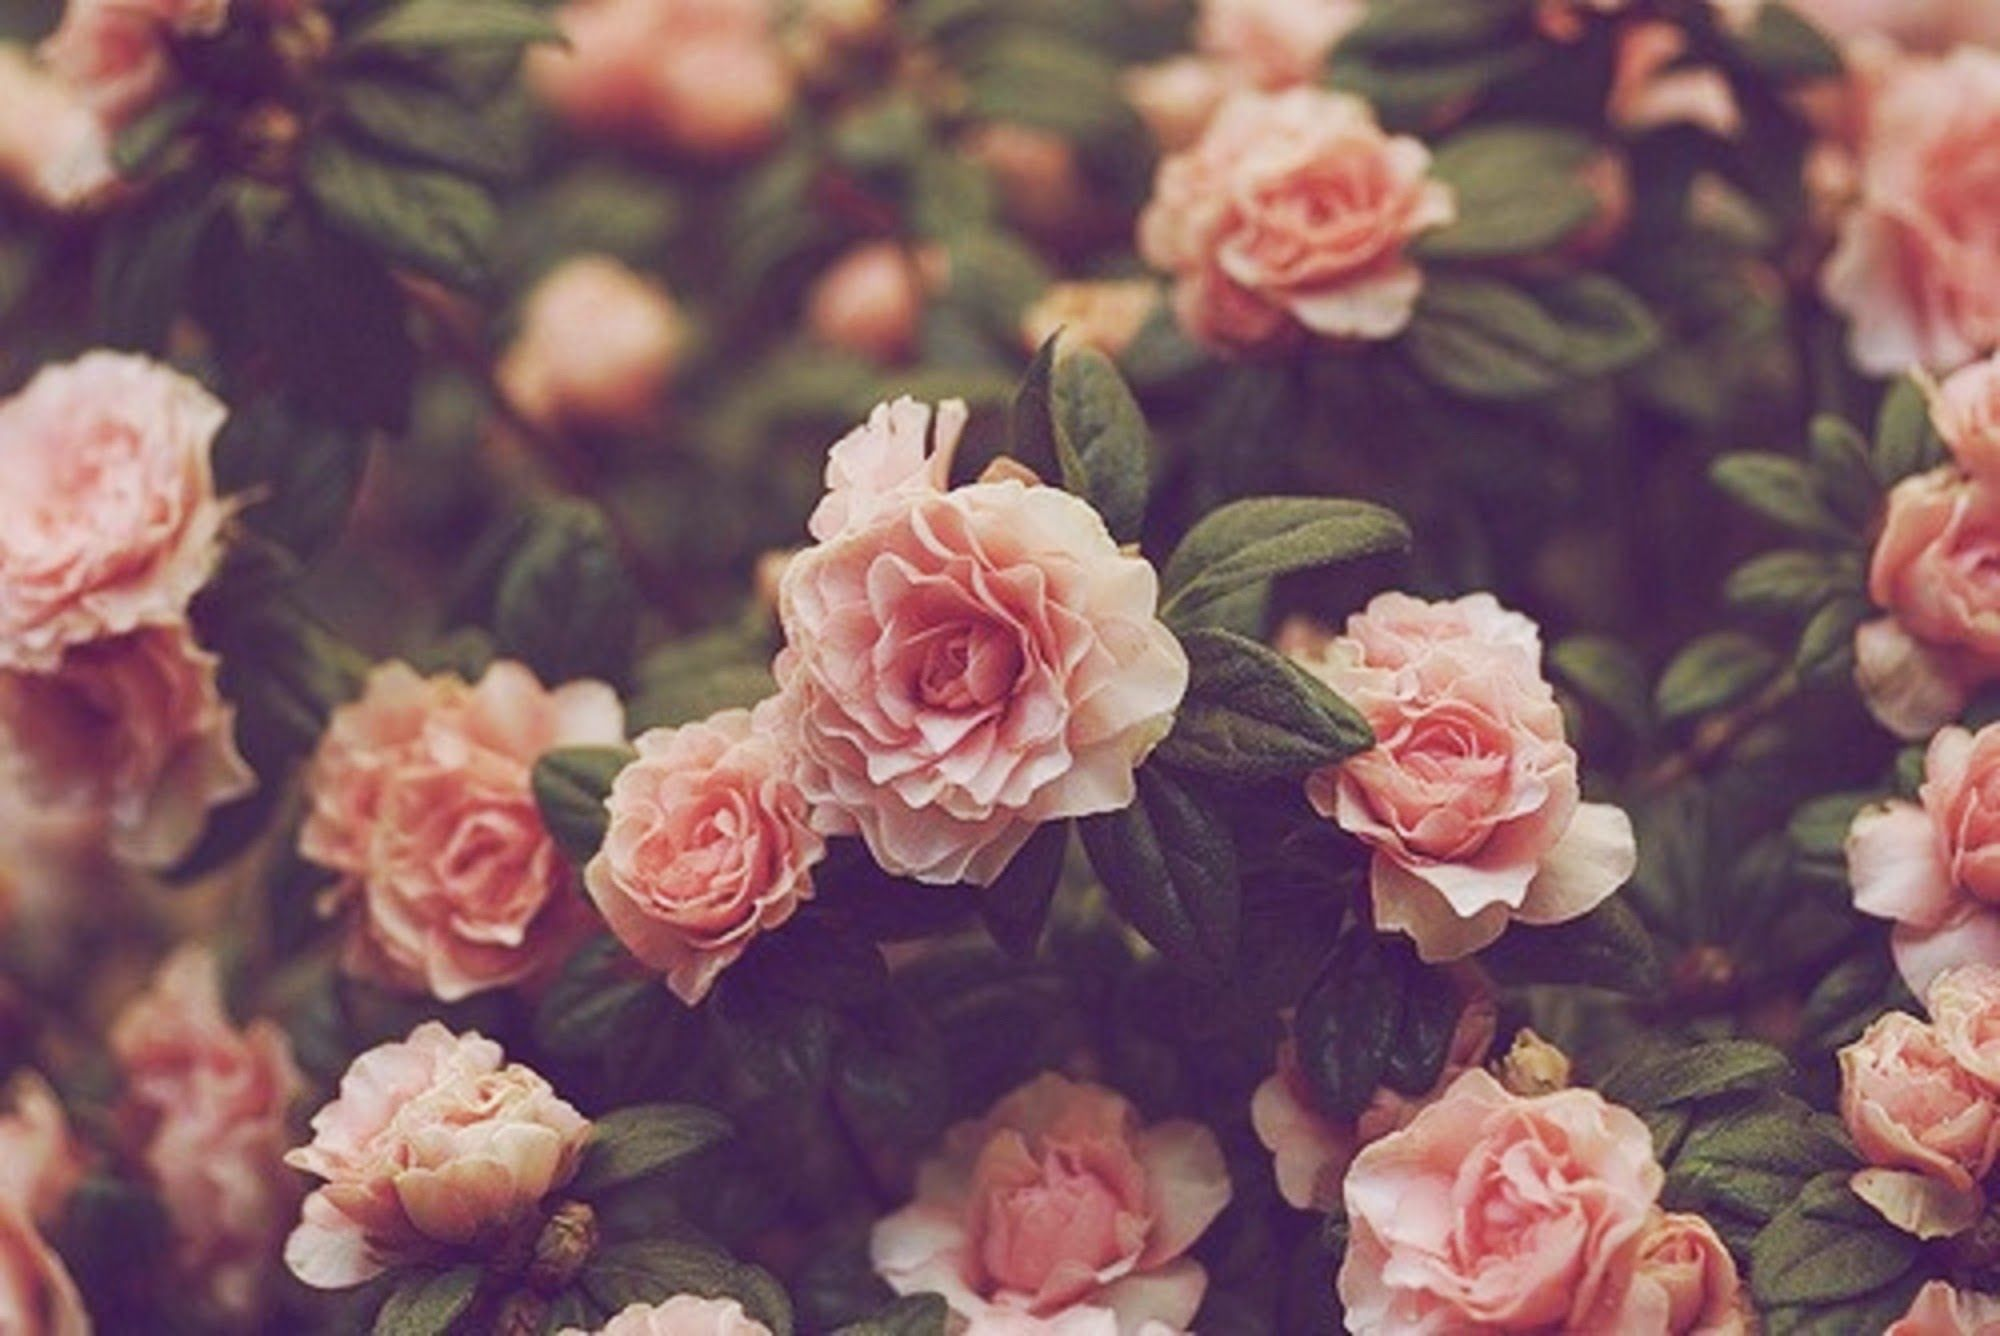 Hd Vintage Flower Backgrounds Vintage Flowers Wallpaper Flower